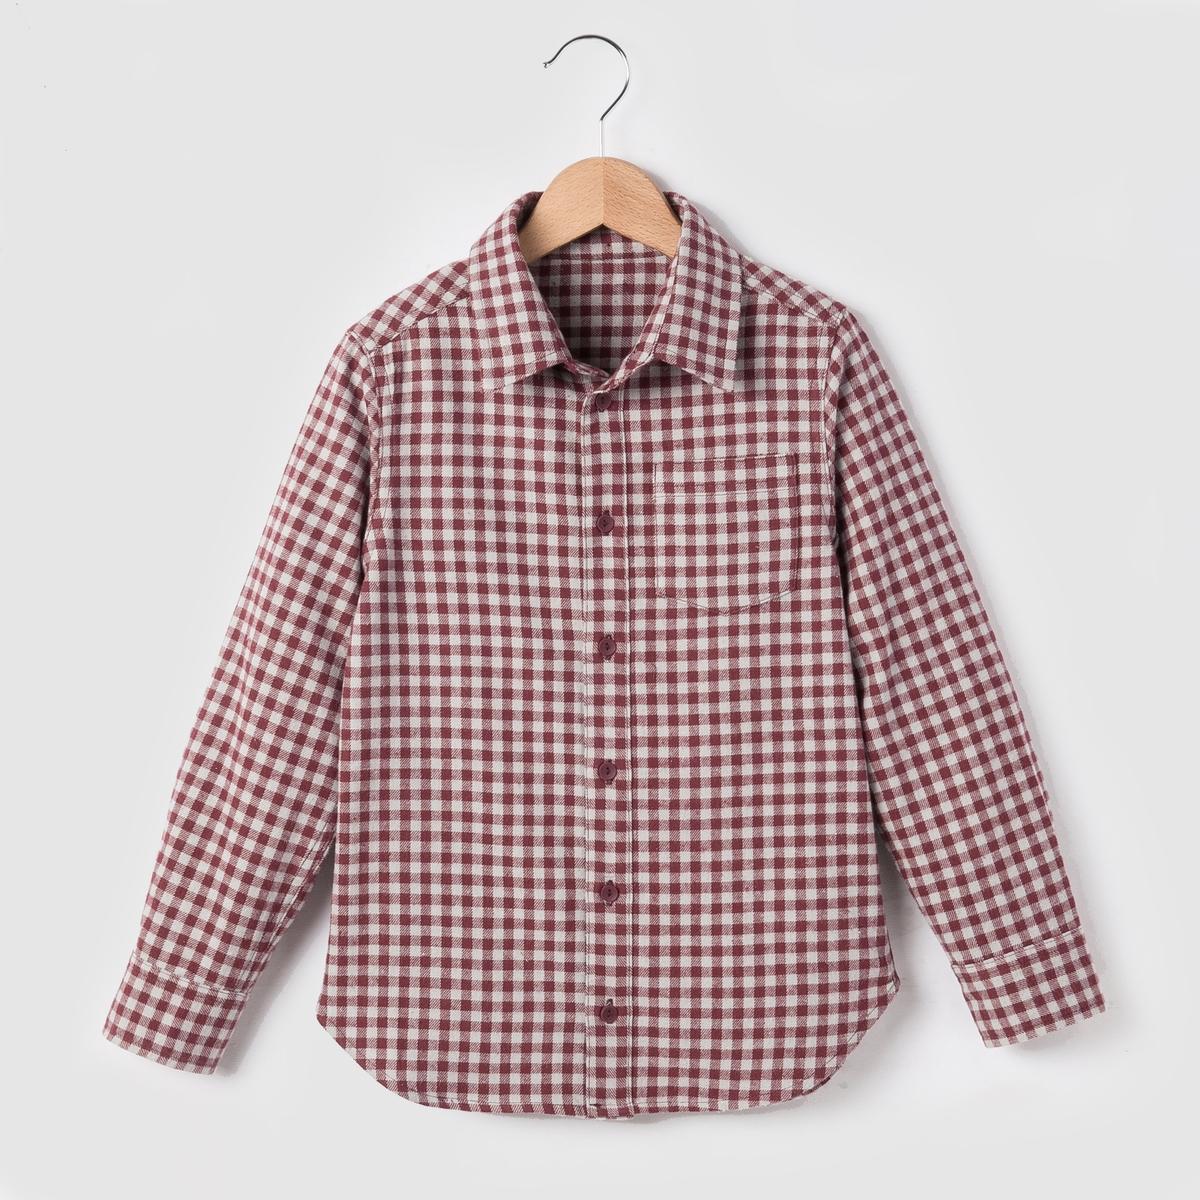 Рубашка в клетку с фланелевым эффектом, 3-12 лет